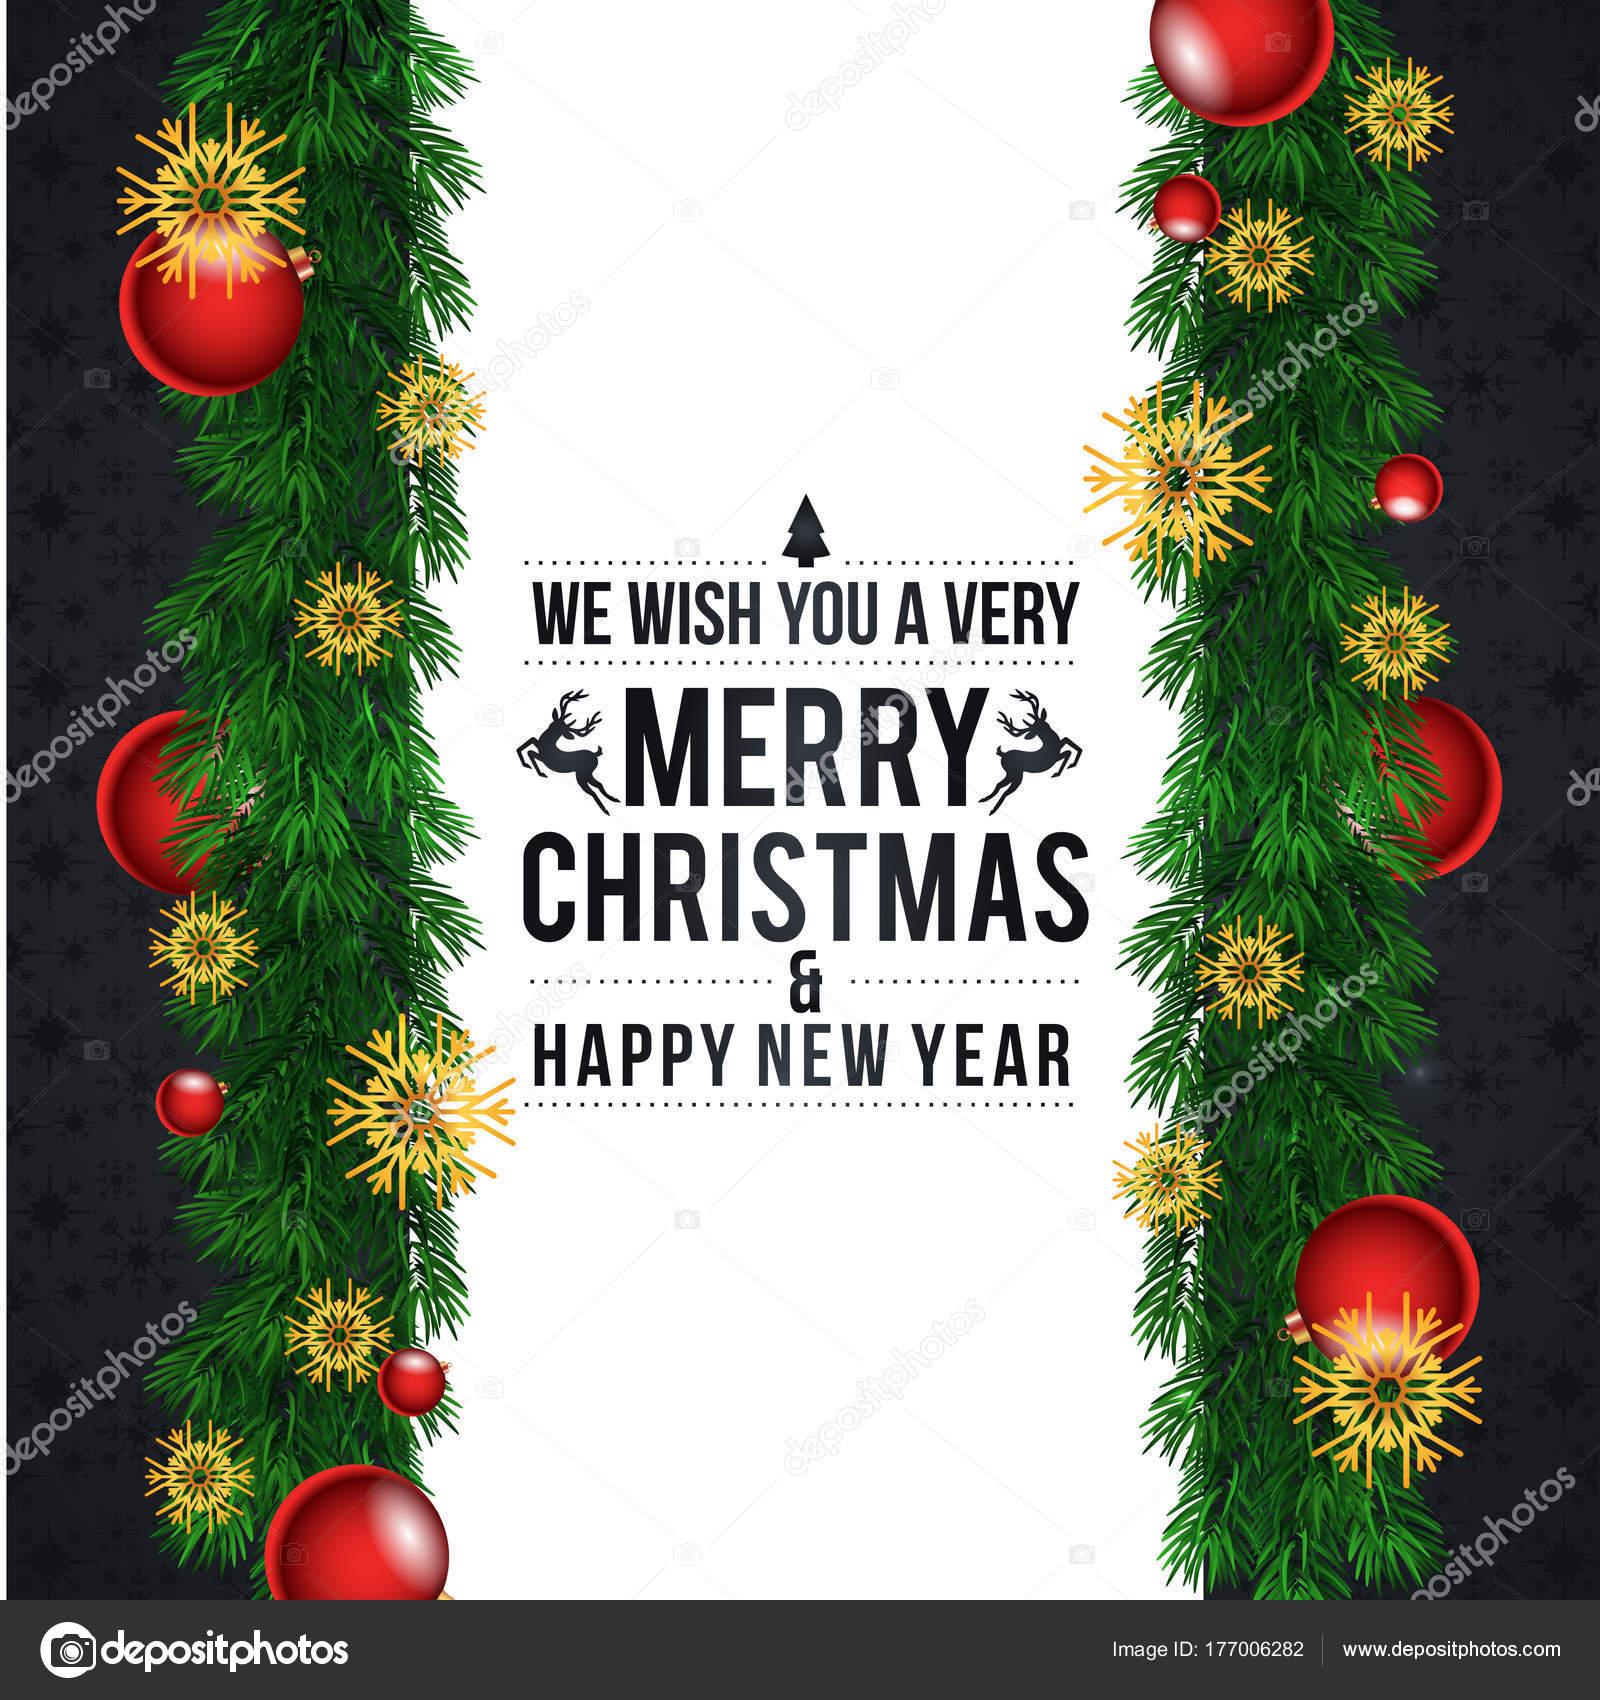 Weihnachtsbaum Girlande.Stilvolle Weihnachten Grusskarte Mit Weihnachtsbaum Girlande Und